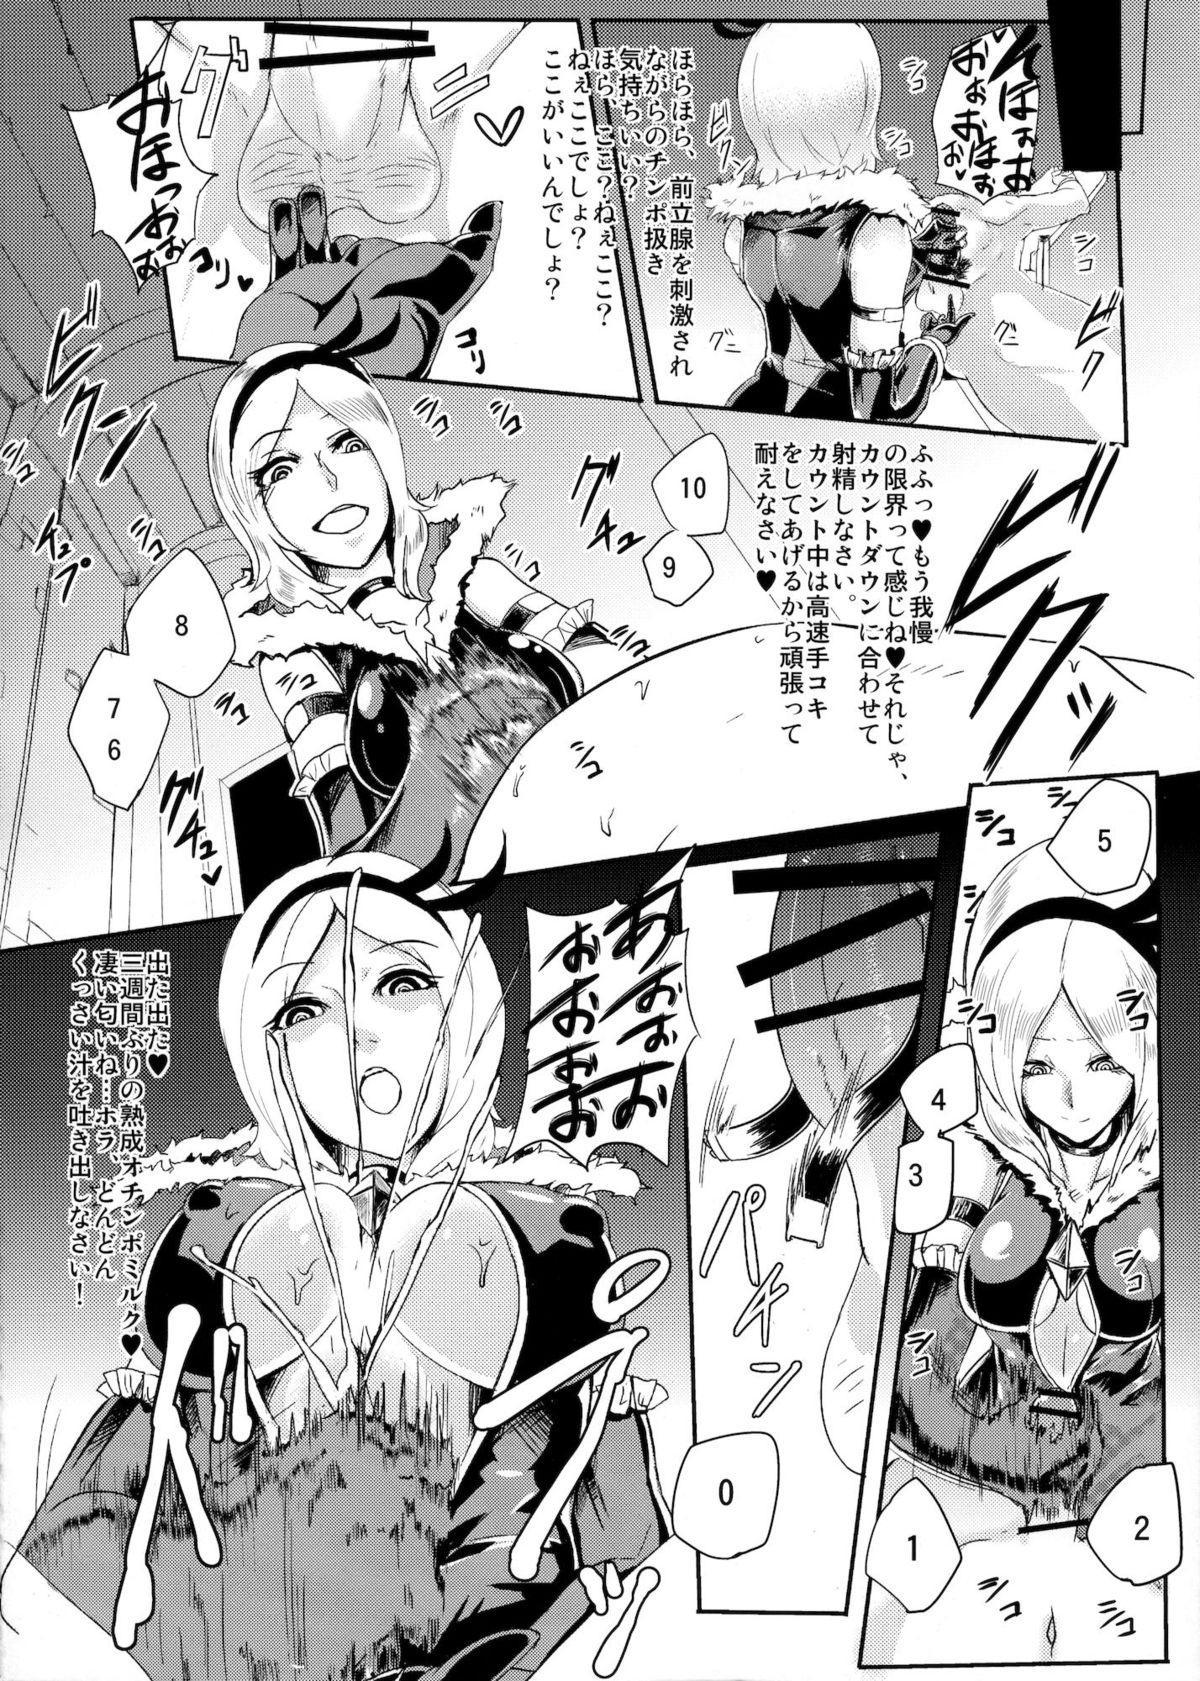 Eas-sama no Sakusei Jigoku 8